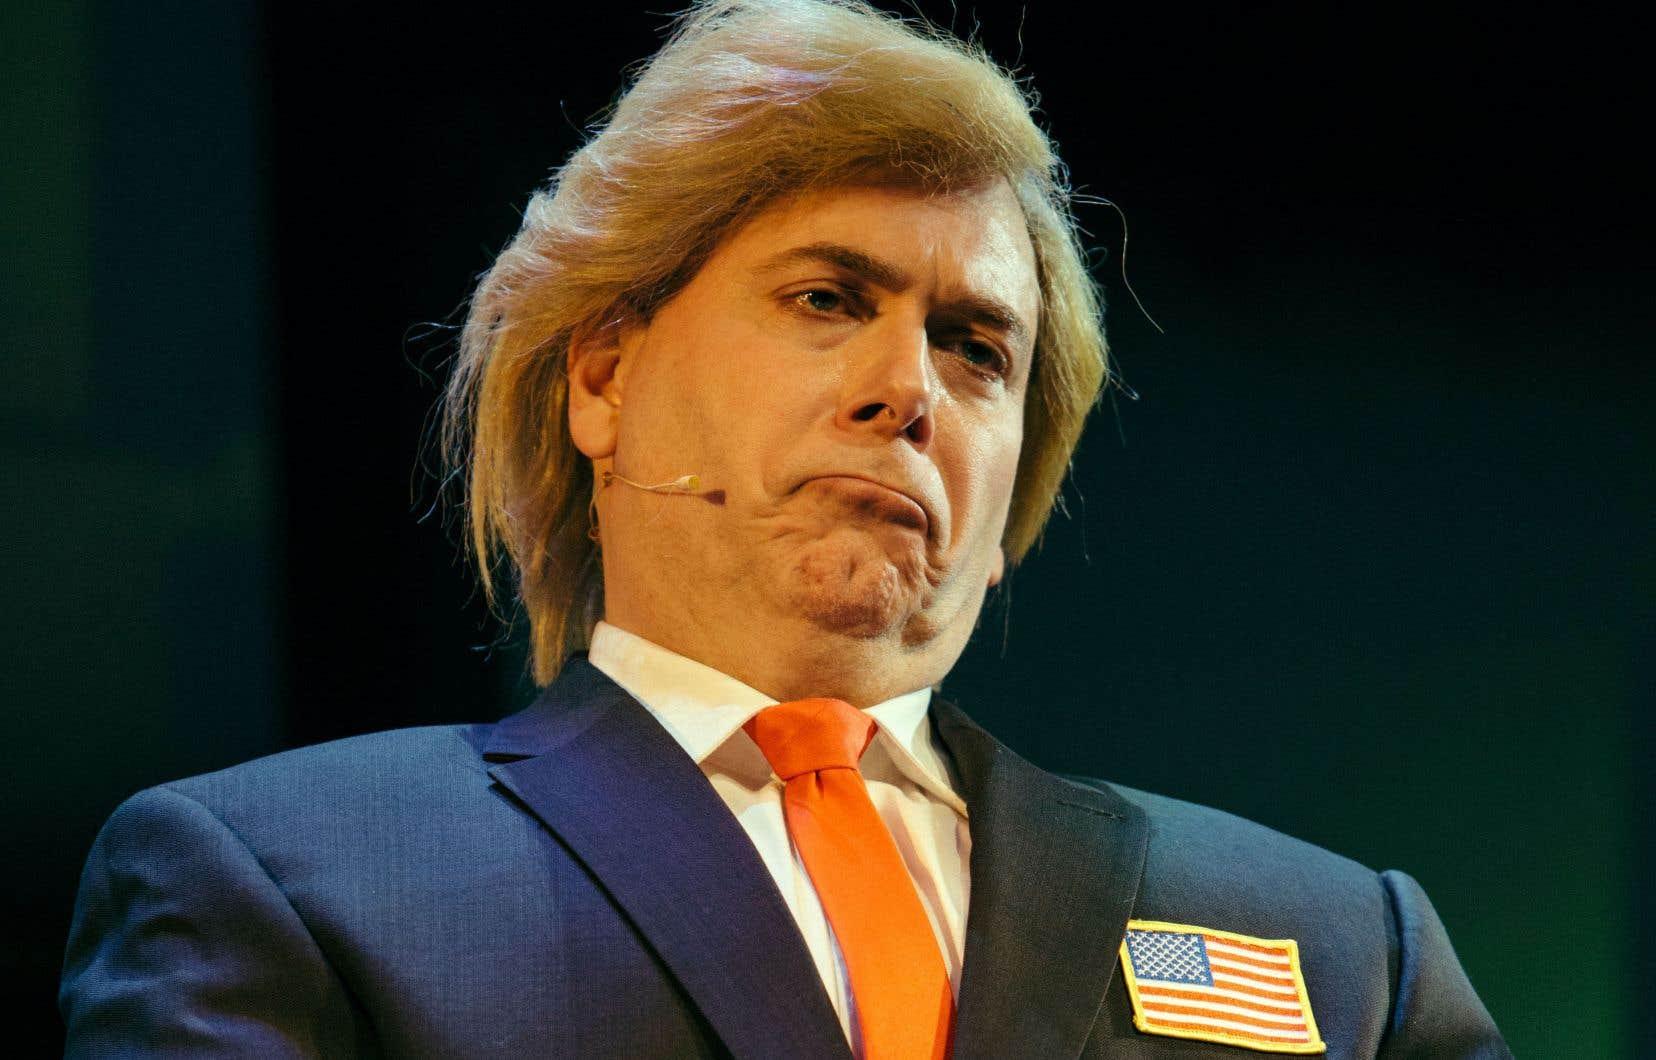 Le président des États-Unis, Donald Trump, n'échappe pas à «2017 revue et corrigée».